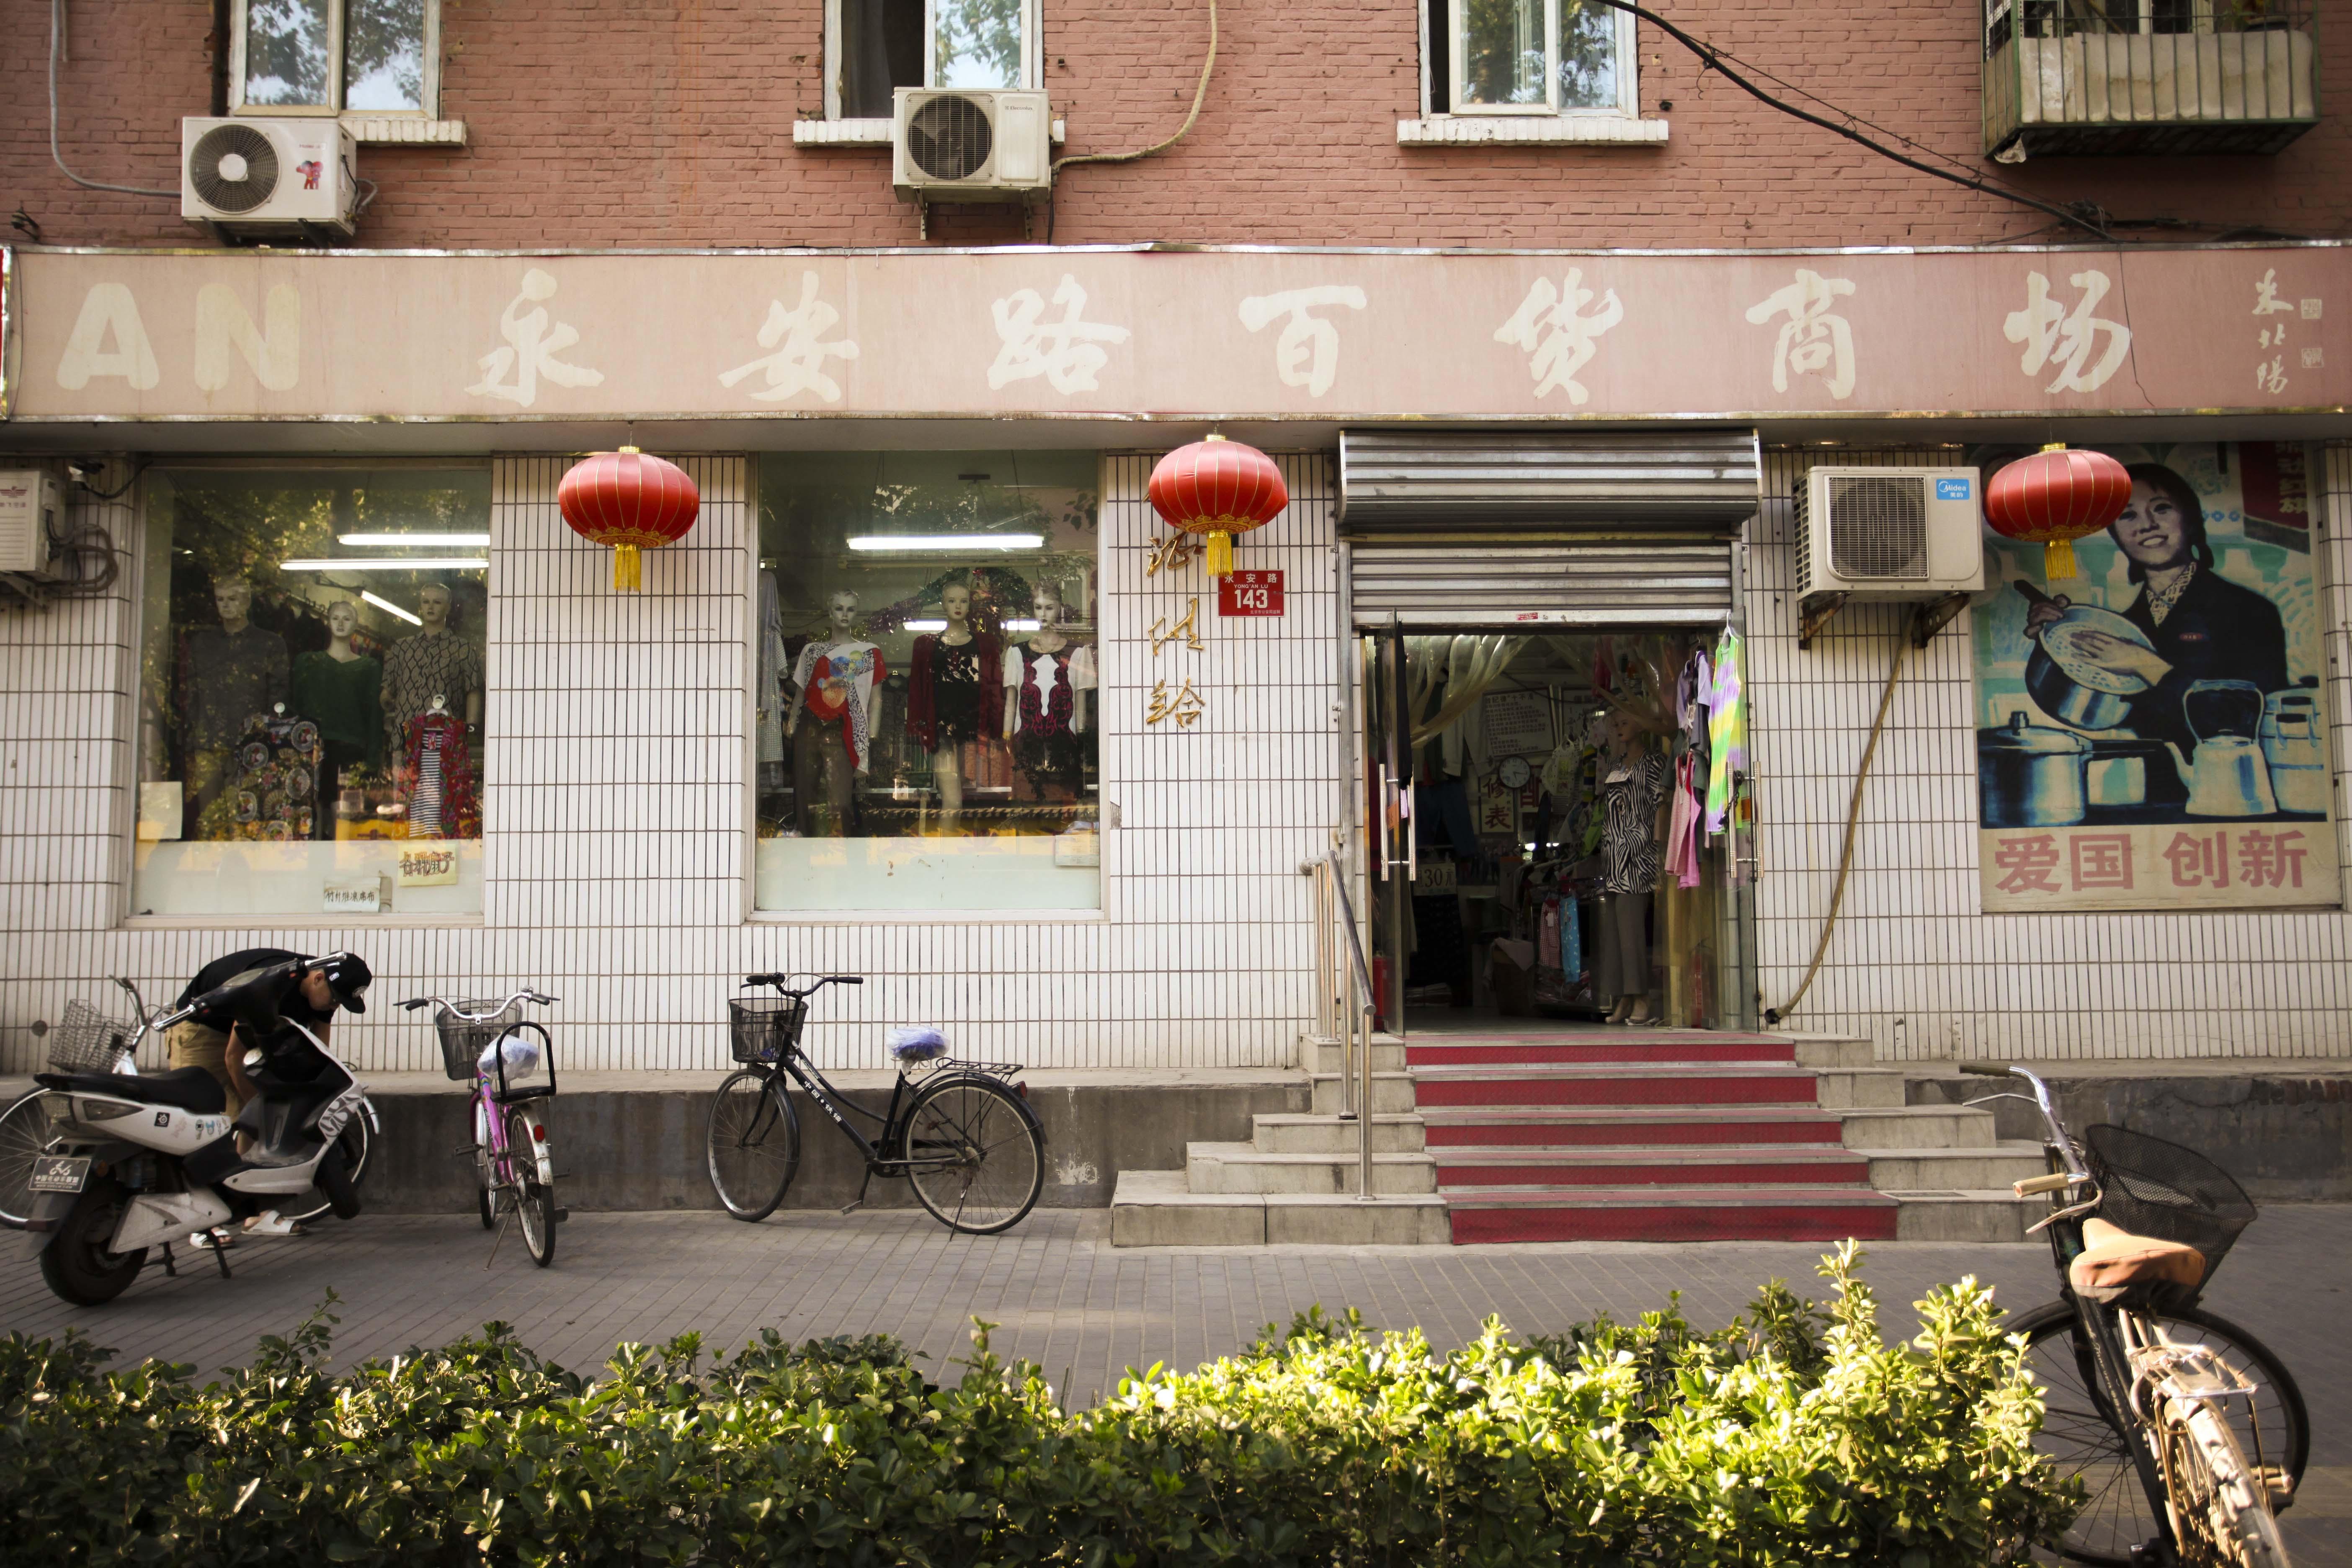 北京有什么相对小众,逛街购物的好去处?